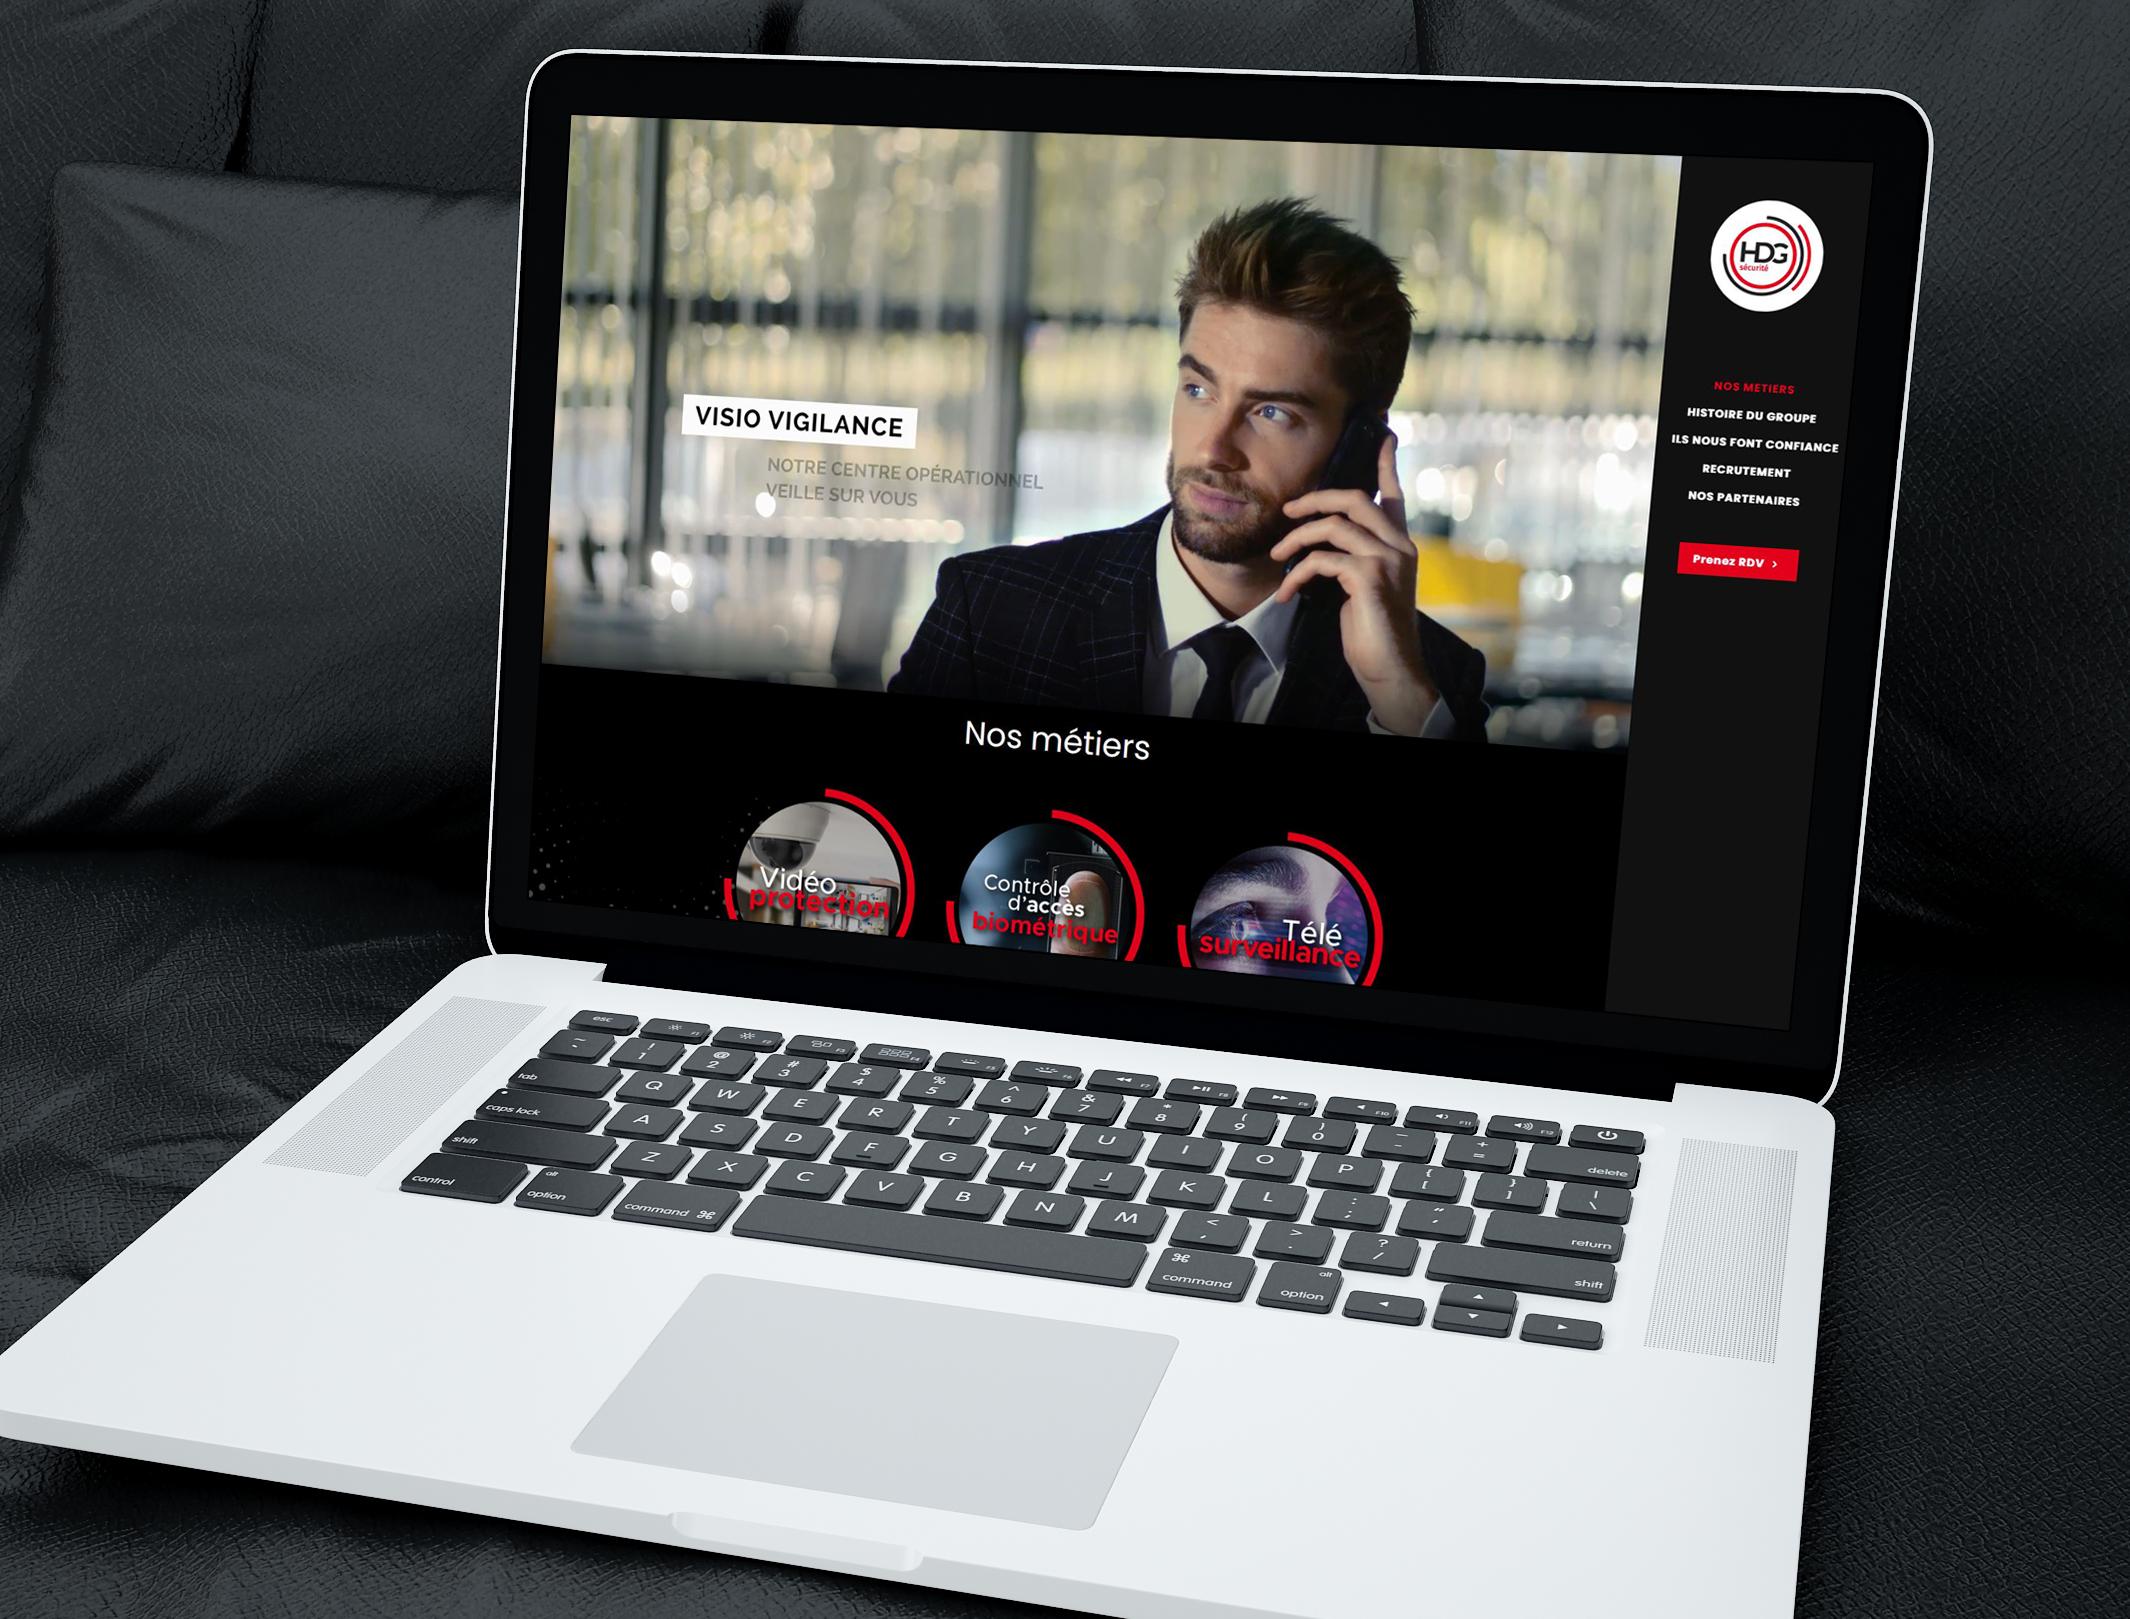 Identité visuelle, supports de communication et site internet pour une entreprise de sécurité